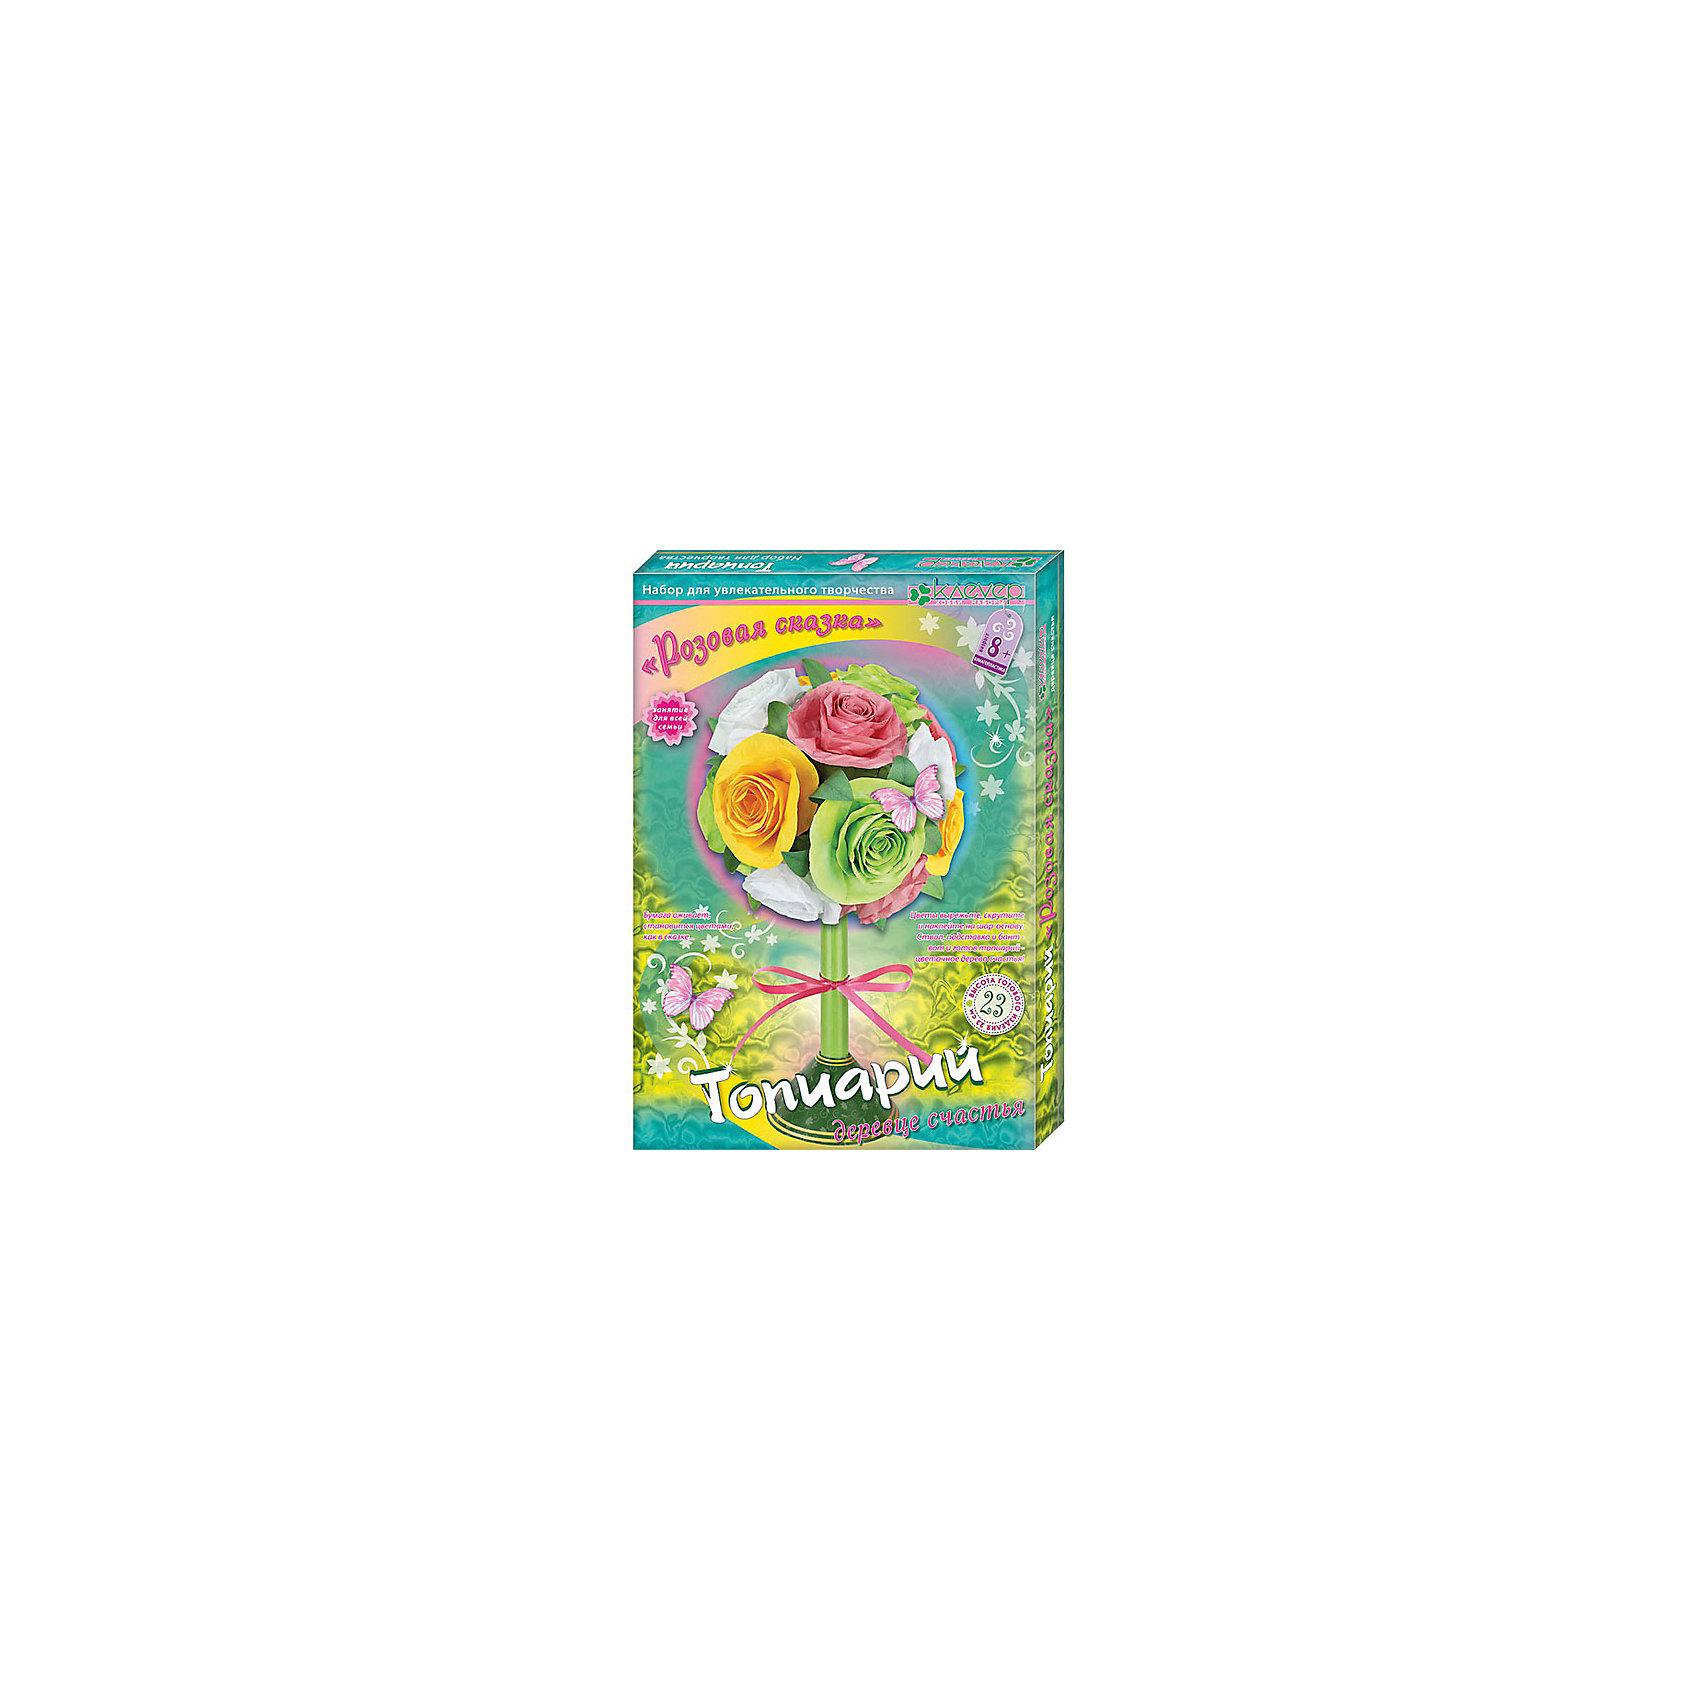 Набор для изготовления топиария  «Розовая сказка»Детские топиарии<br>Характеристики:<br><br>• Коллекция: бумагопластика, киригами<br>• Тематика: топиарий<br>• Уровень сложности: средний<br>• Материал: бумага, скотч, картон<br>• Комплектация: картонная основа в форме шара, набор цветной бумаги и картона, лента, скотч, инструкция<br>• Размер деревца (В): 23 см<br>• Размеры (Д*Ш*В): 20*30*0,8 см<br>• Вес: 104 г <br>• Упаковка: картонная коробка<br><br>Набор для изготовления топиария «Розовая сказка» состоит из всех необходимых материалов и инструментов для создания топиария. При изготовлении поделки используются две техники: бумагопластика и киригами.<br><br>Набор для изготовления топиария «Розовая сказка» можно купить в нашем интернет-магазине.<br><br>Ширина мм: 200<br>Глубина мм: 290<br>Высота мм: 300<br>Вес г: 104<br>Возраст от месяцев: 96<br>Возраст до месяцев: 144<br>Пол: Унисекс<br>Возраст: Детский<br>SKU: 5541586